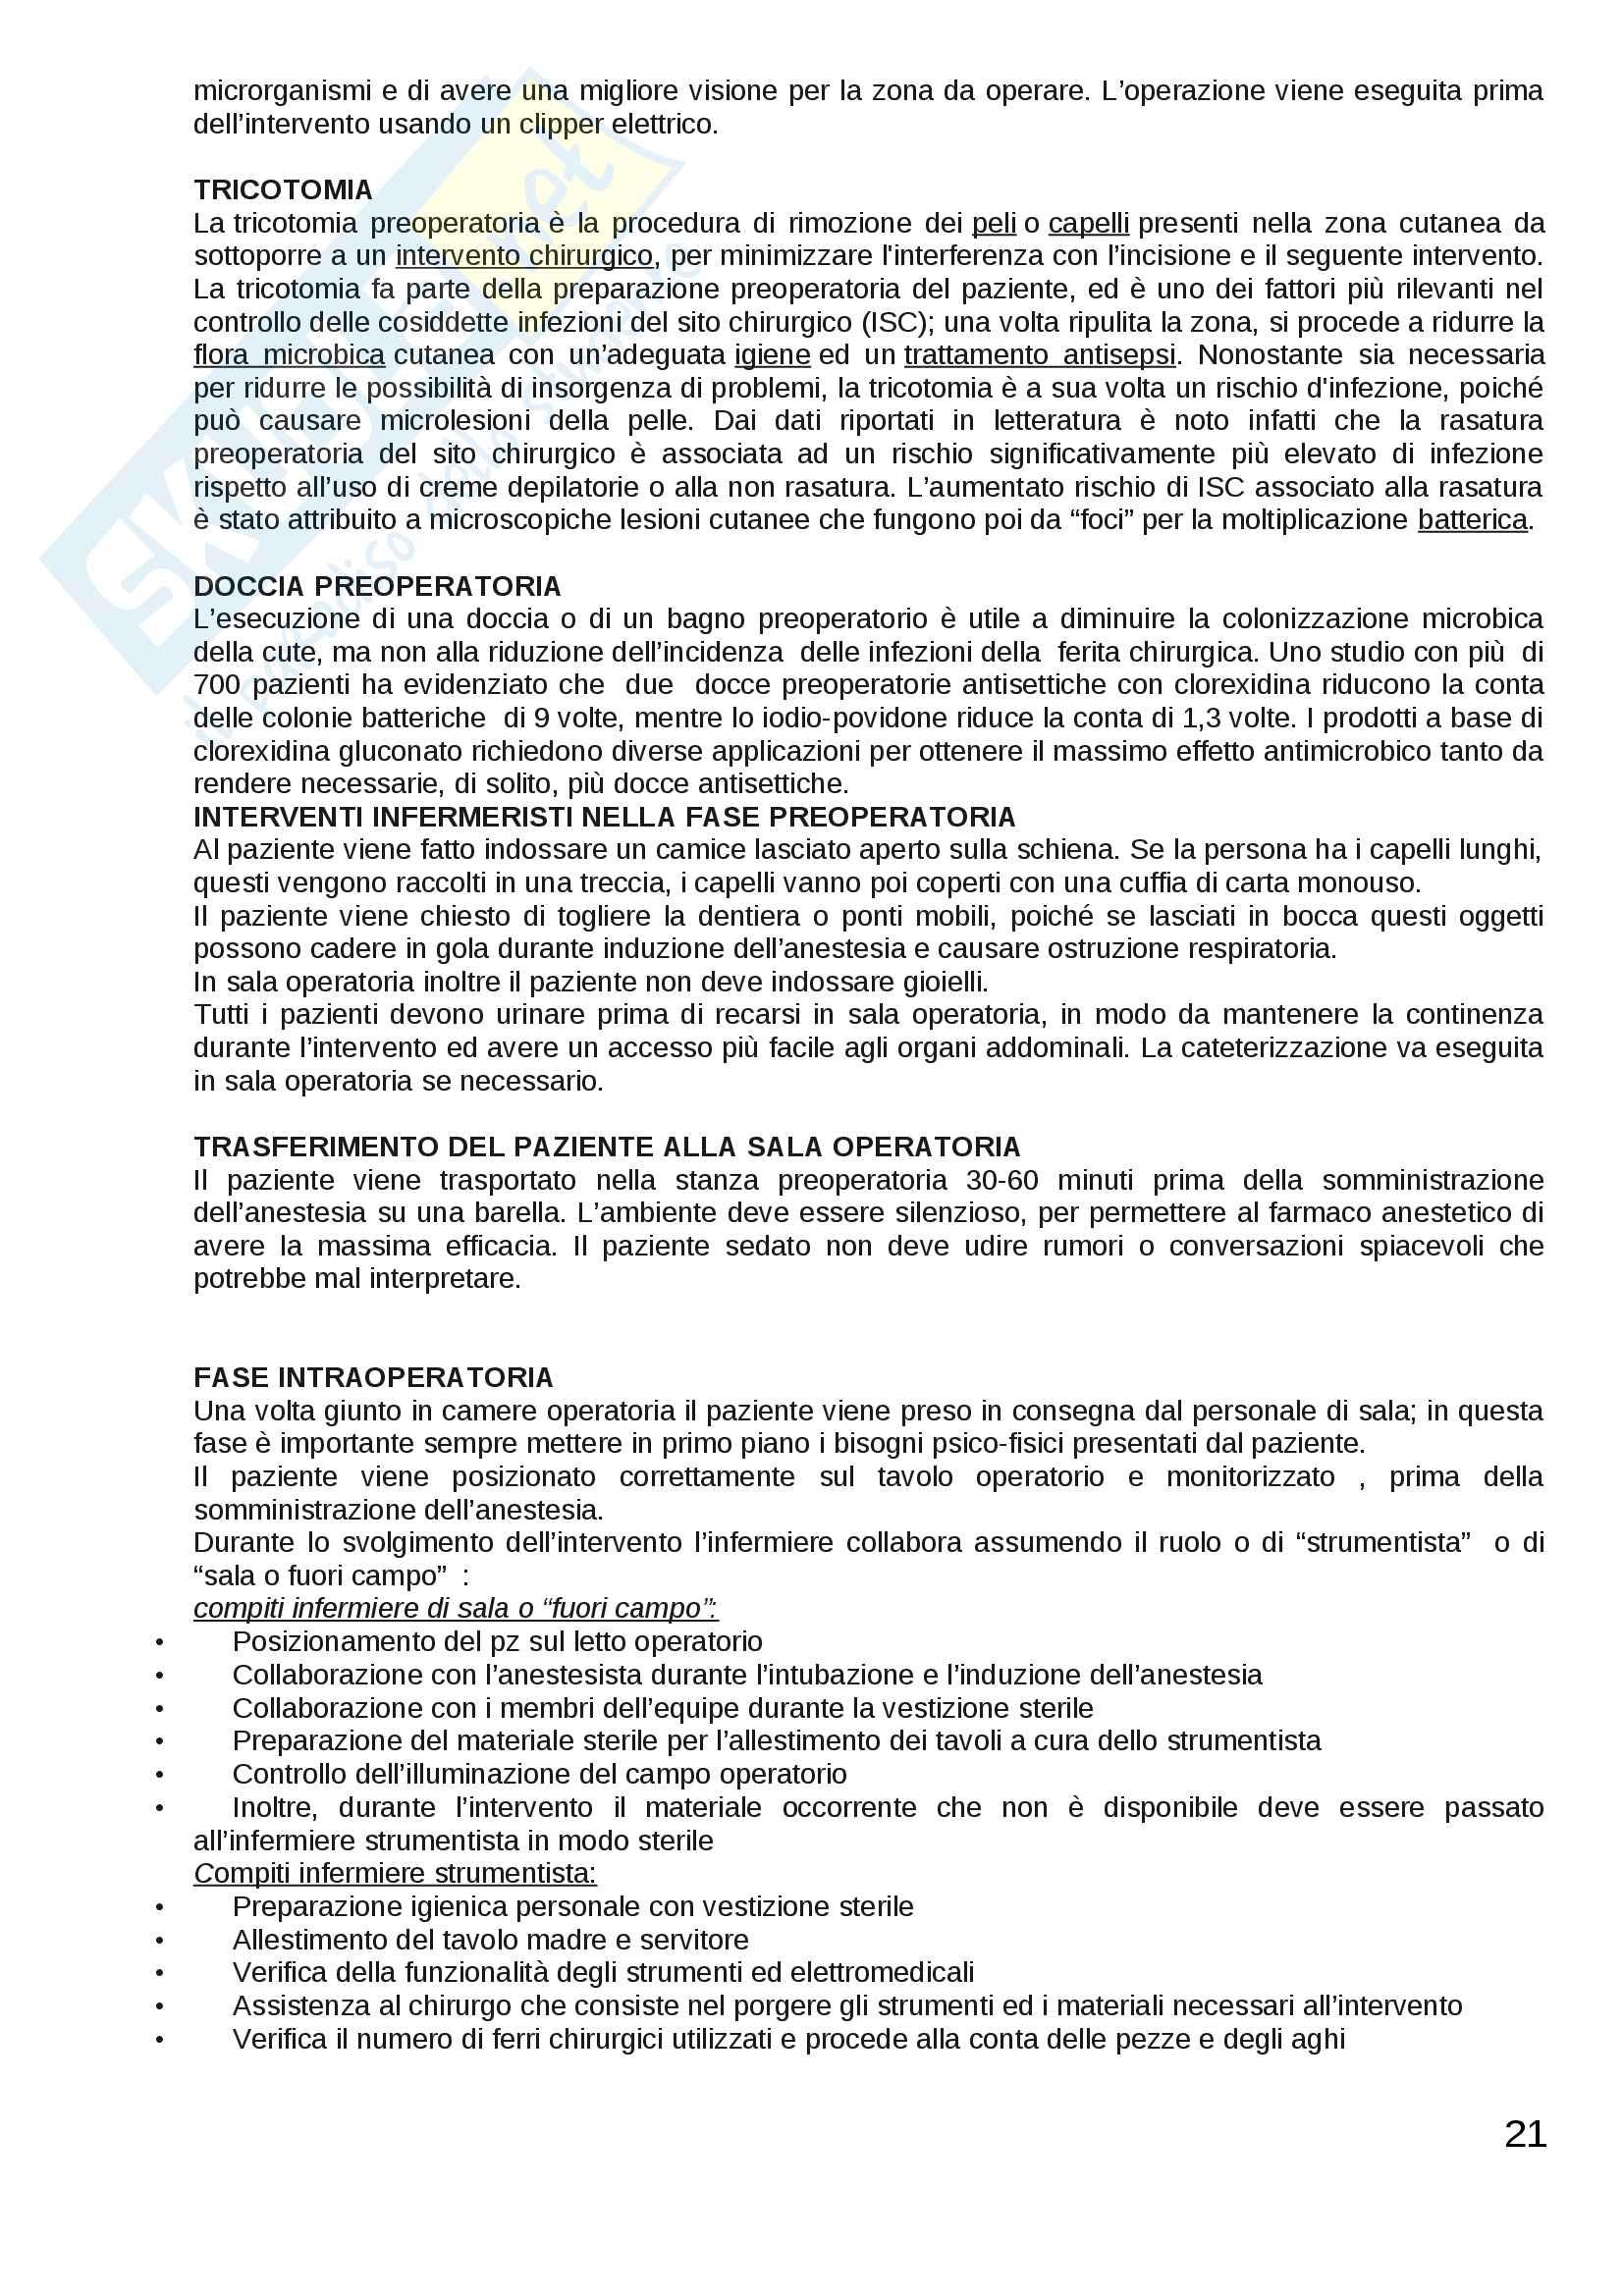 ESAME DI STATO: Corso di scienze infermieristiche Pag. 21